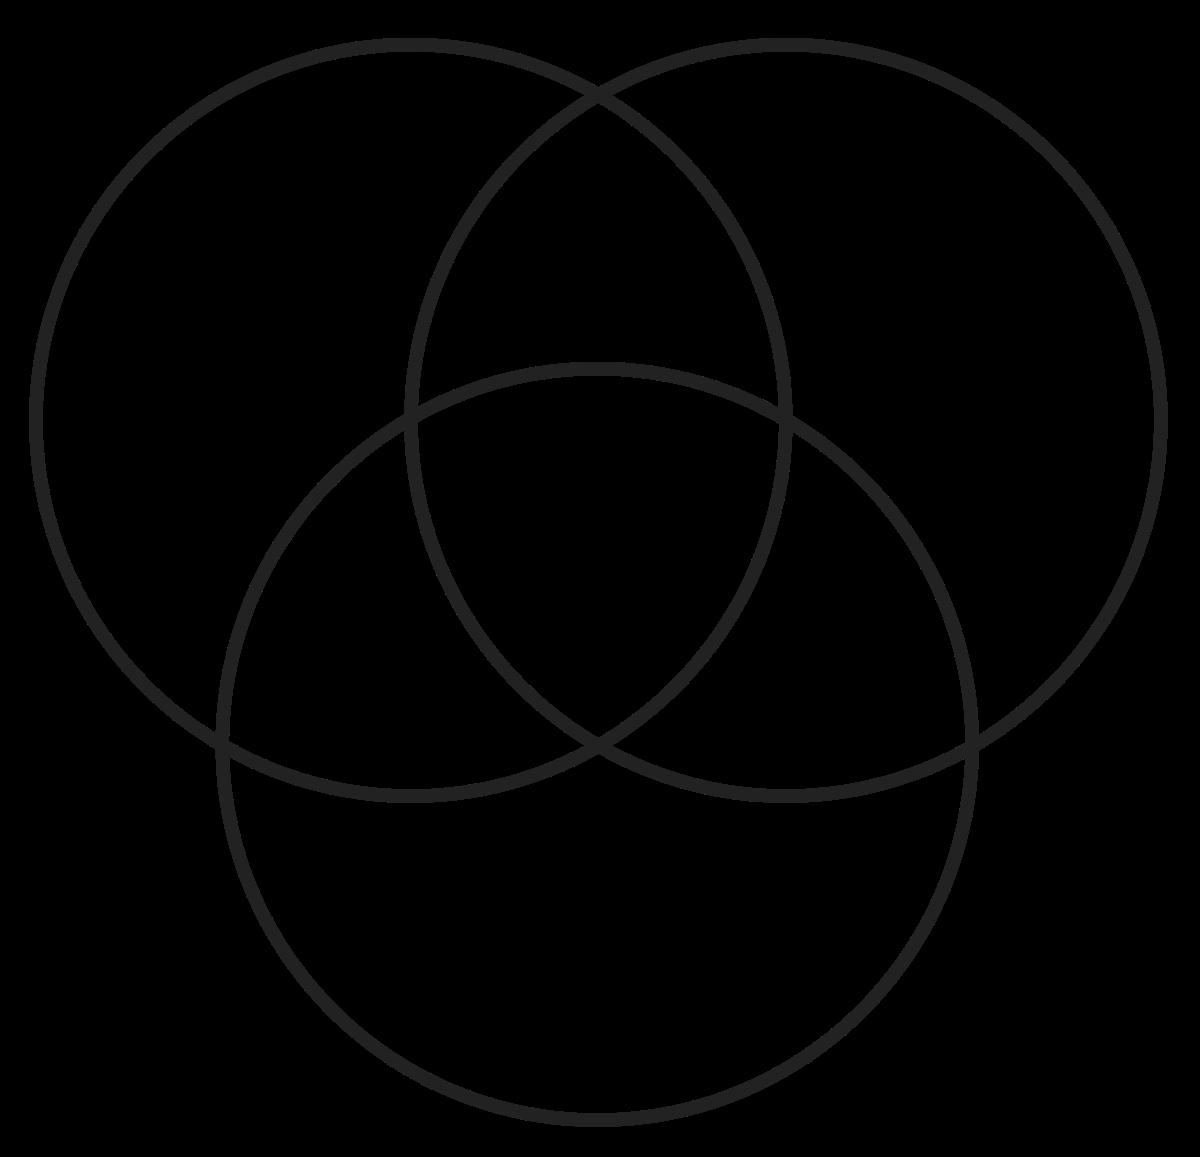 How To Create A Venn Diagram In Word Venn Diagram Wikipedia